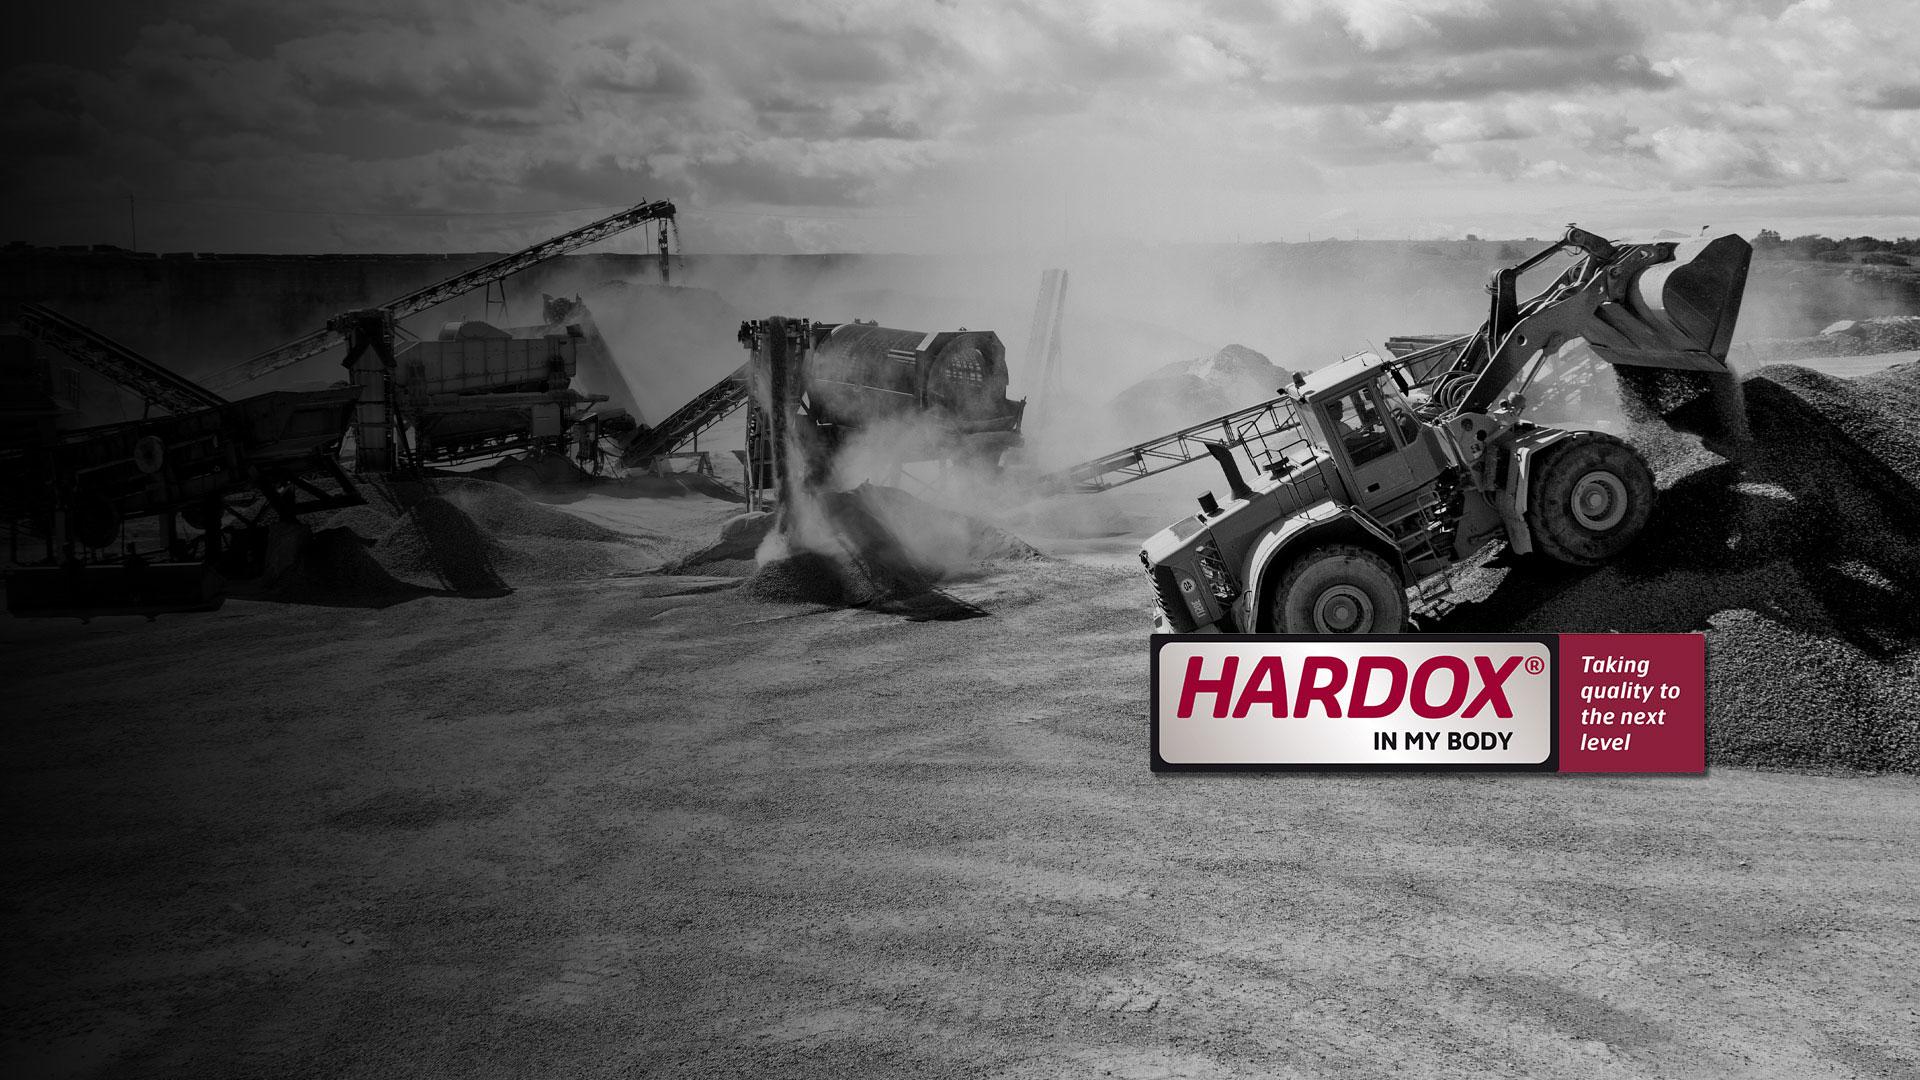 Hardox In My Body benefits